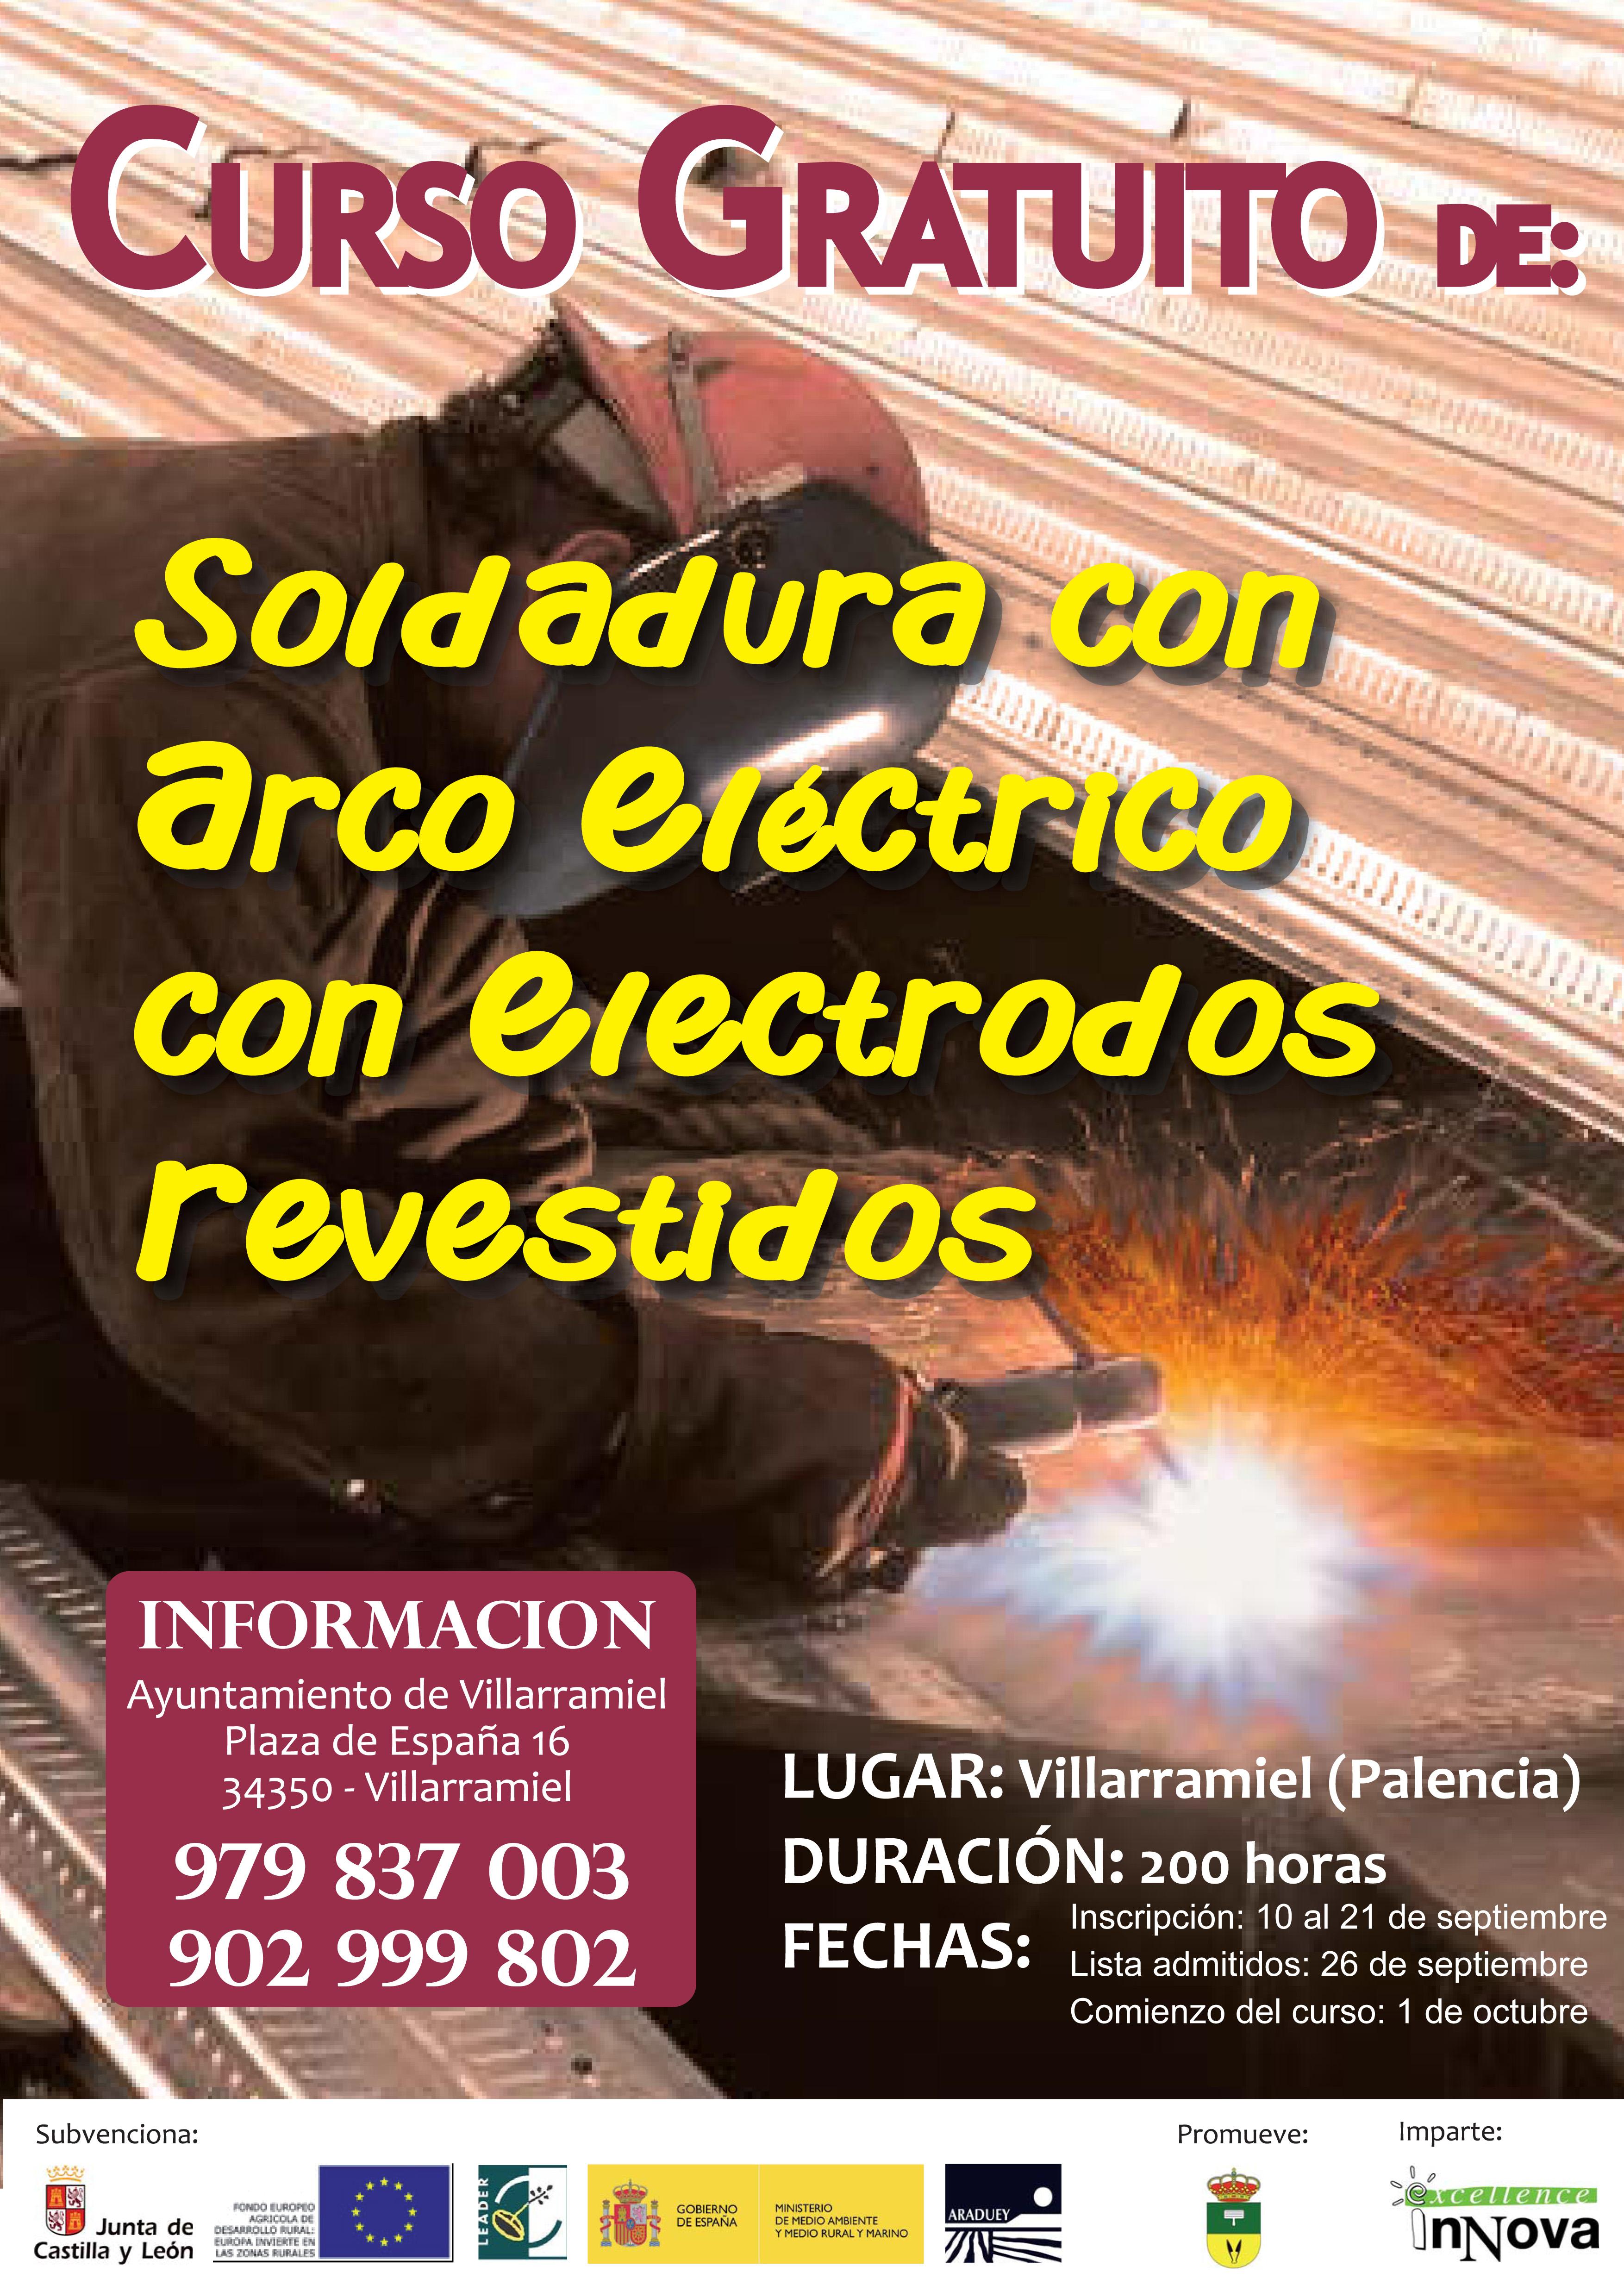 Curso gratuito de Soldadura con arco eléctrico con electrodos revestidos